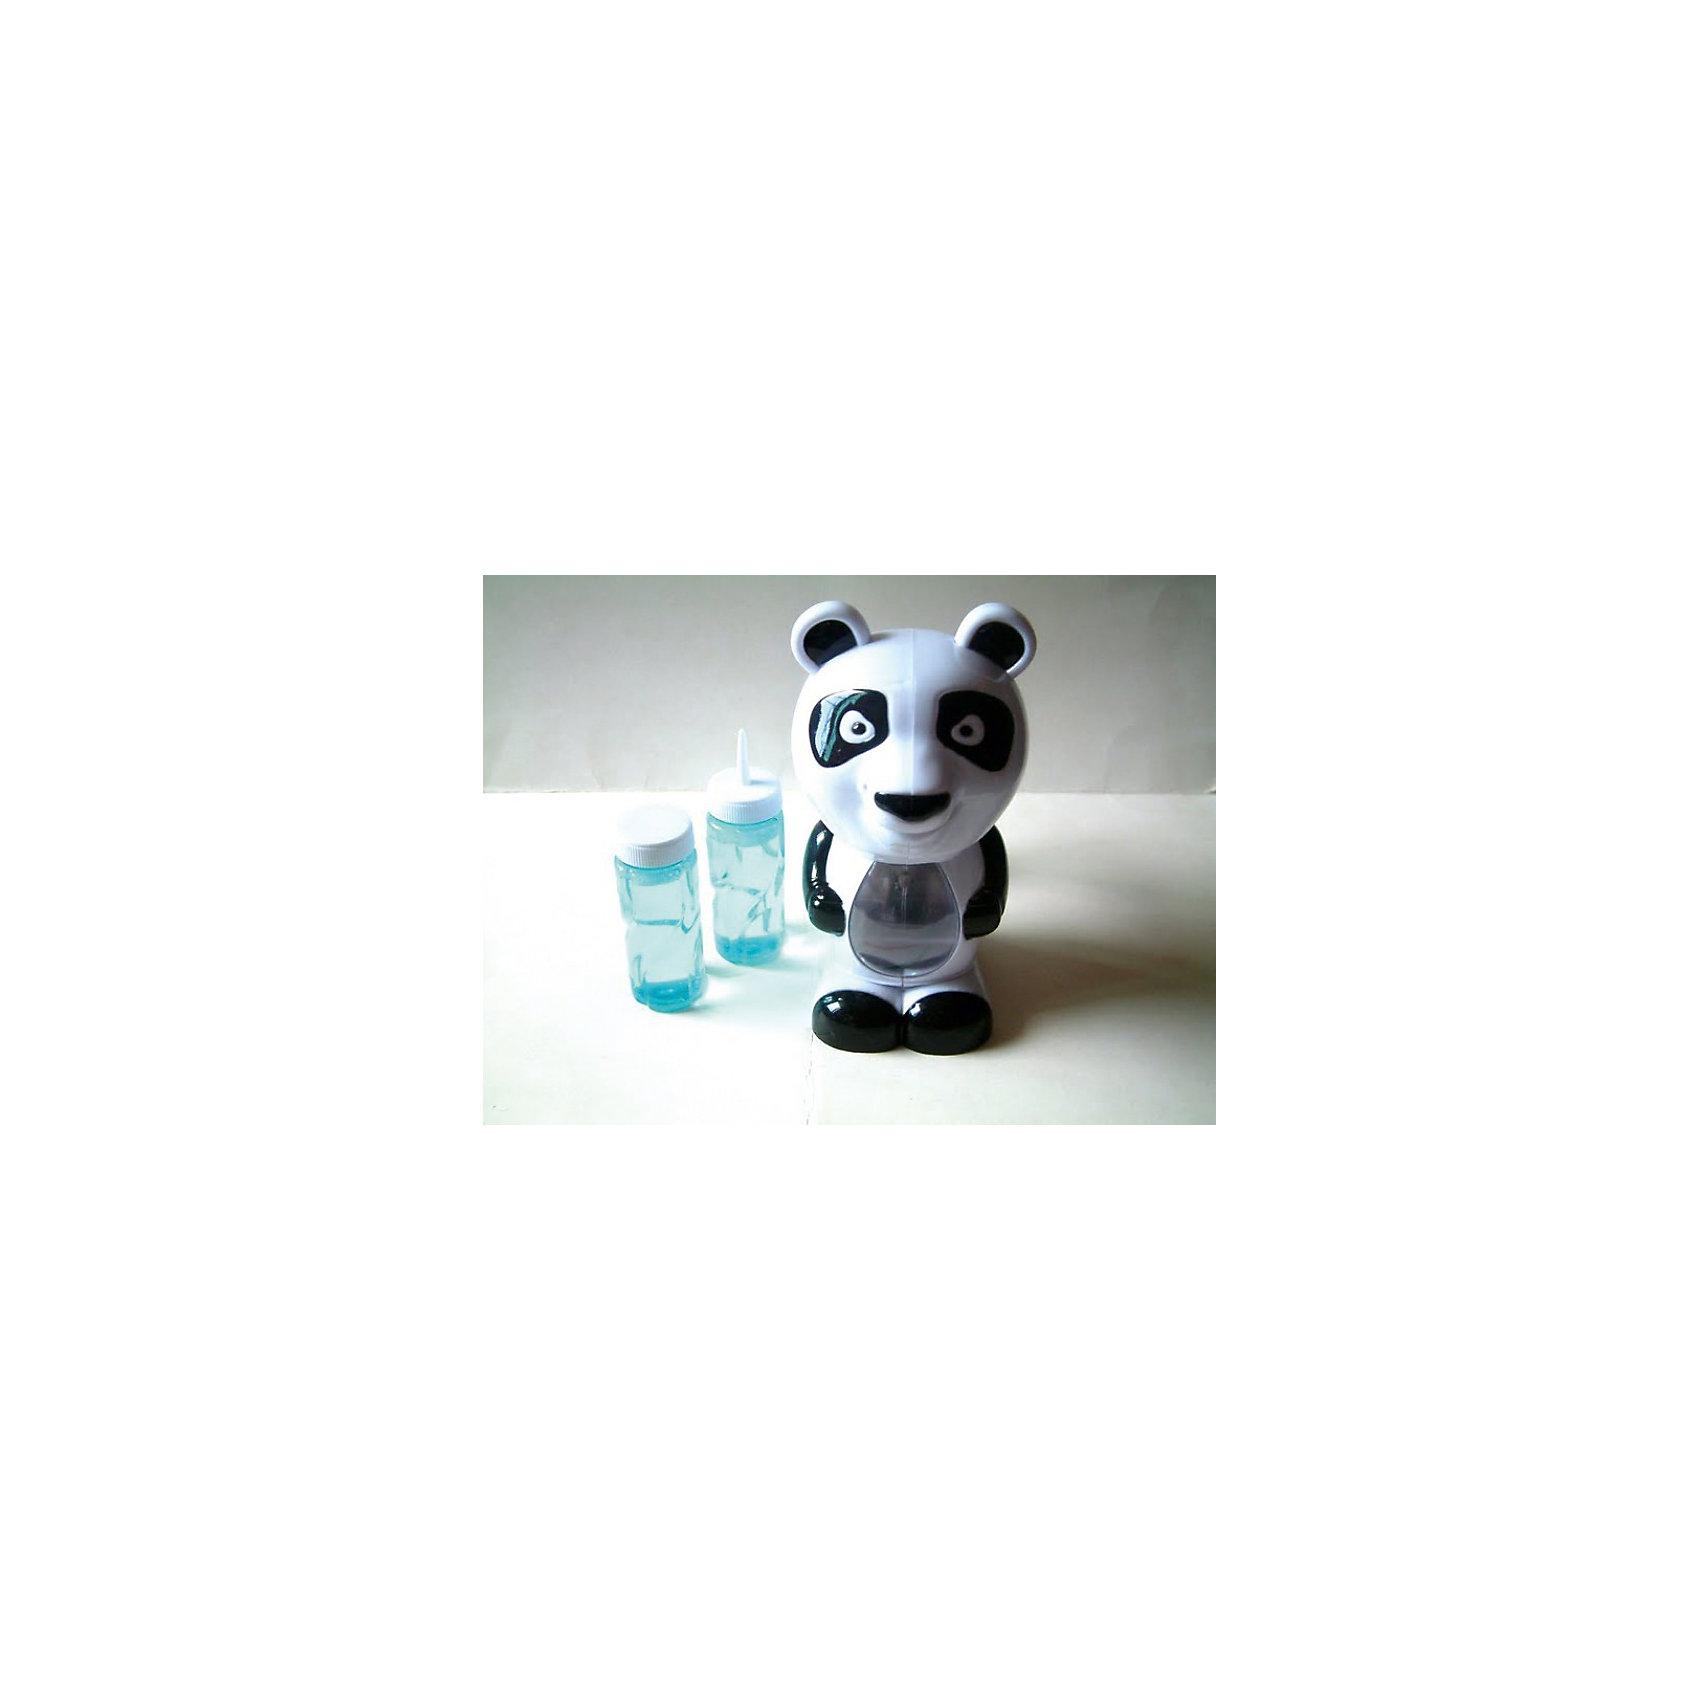 Мыльные пузыри ПандаМыльные пузыри Панда – это оригинальная игрушка, которая обязательно понравится вашему ребенку.<br>Без мыльных пузырей не обходится ни одно лето. С мыльными пузырями Панда ваш ребенок весело проведет время. При нажатии изо рта игрушки выпускаются сразу десятки пузырей под веселую детскую музыку. Животик панды, в котором находится жидкость, переливается разными цветами.<br><br>Дополнительная информация:<br><br>- В комплекте: фигурка в виде панды для делания мыльных пузырей со светодиодами, музыкальная, 2 баночки с мыльными пузырями<br>- Материал: пластик<br>- Высота фигурки: 20 см.<br>- Размер упаковки: 225 x 150 x 125 мм.<br>- Батарейки: 3 штуки типа АА (в комплект не входят)<br><br>Мыльные пузыри Панда можно купить в нашем интернет-магазине.<br><br>Ширина мм: 145<br>Глубина мм: 120<br>Высота мм: 225<br>Вес г: 400<br>Возраст от месяцев: 36<br>Возраст до месяцев: 1188<br>Пол: Унисекс<br>Возраст: Детский<br>SKU: 3720512